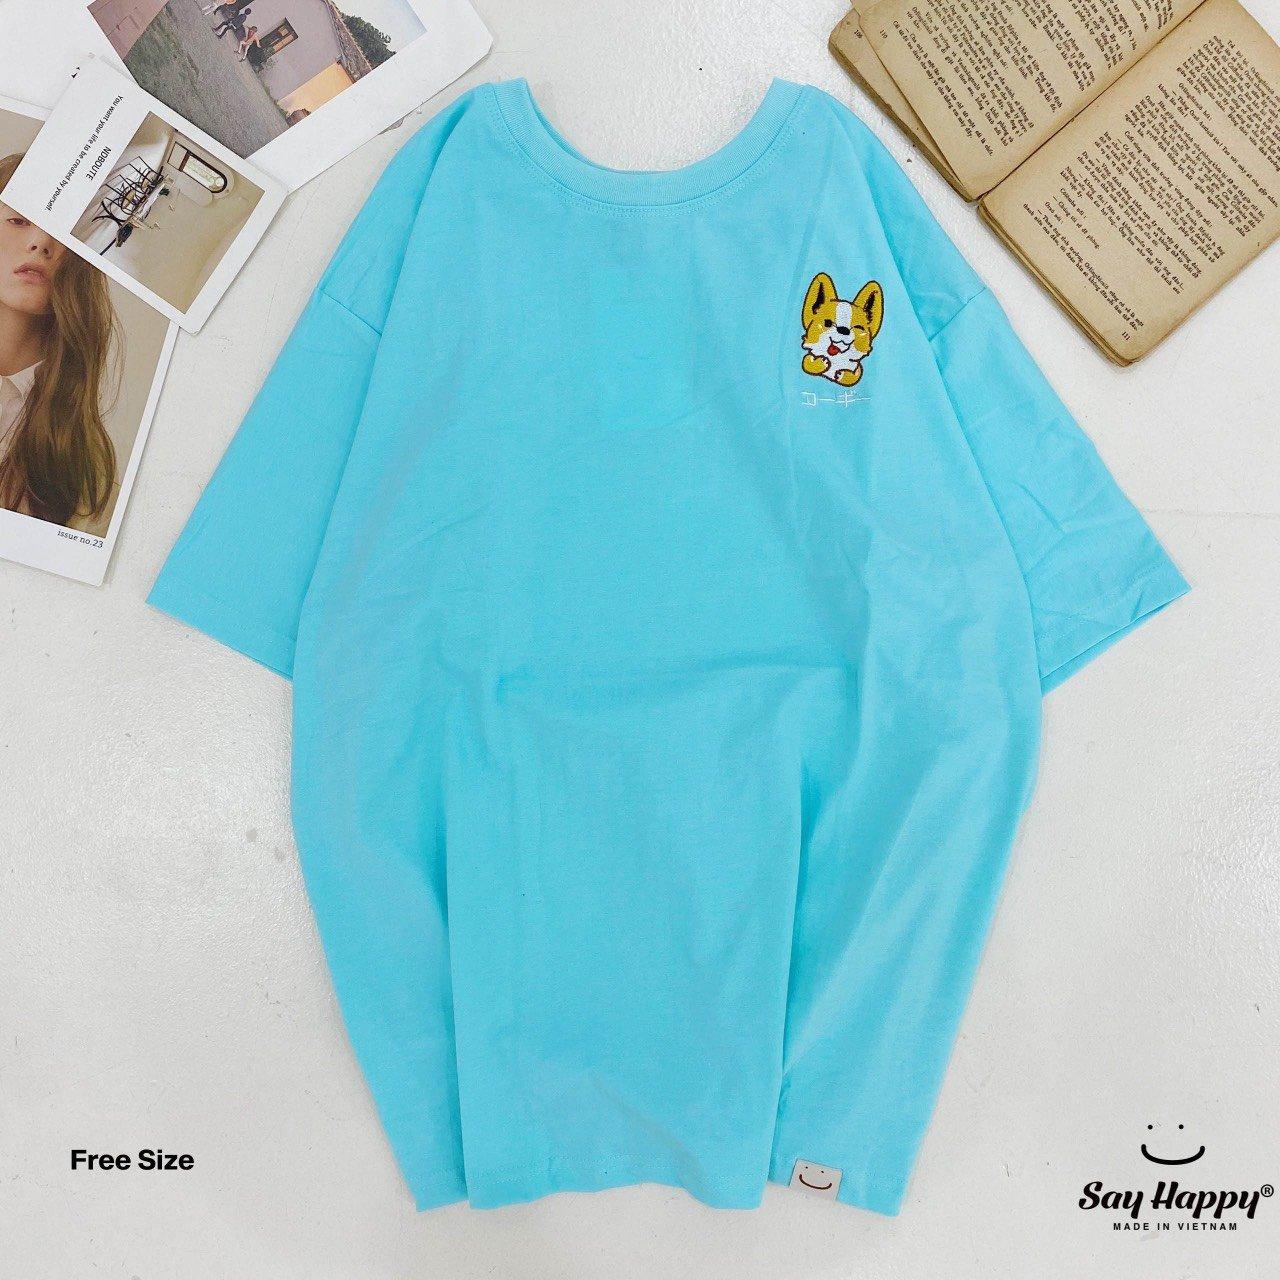 Say Happy Tshirt - Áo thun xanh dương freesize thêu